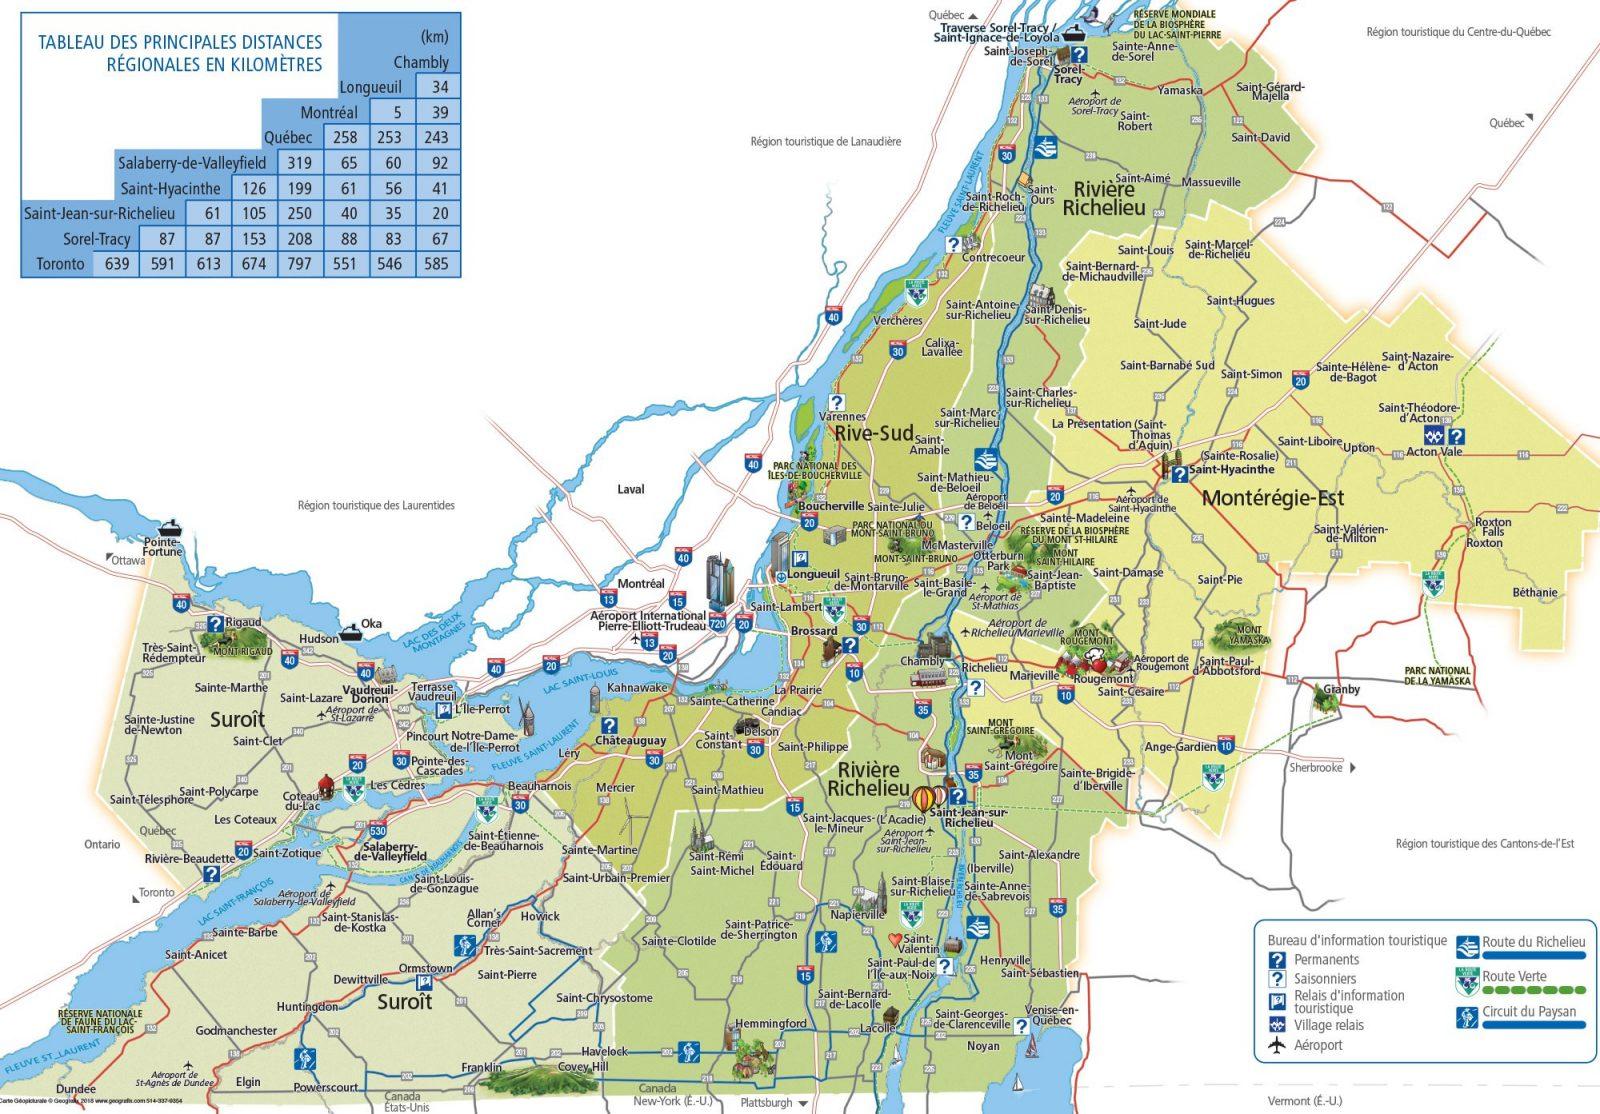 Québec prévoit des investissements routiers et maritimes de plus de 515 M$ en Montérégie en 2019-2021